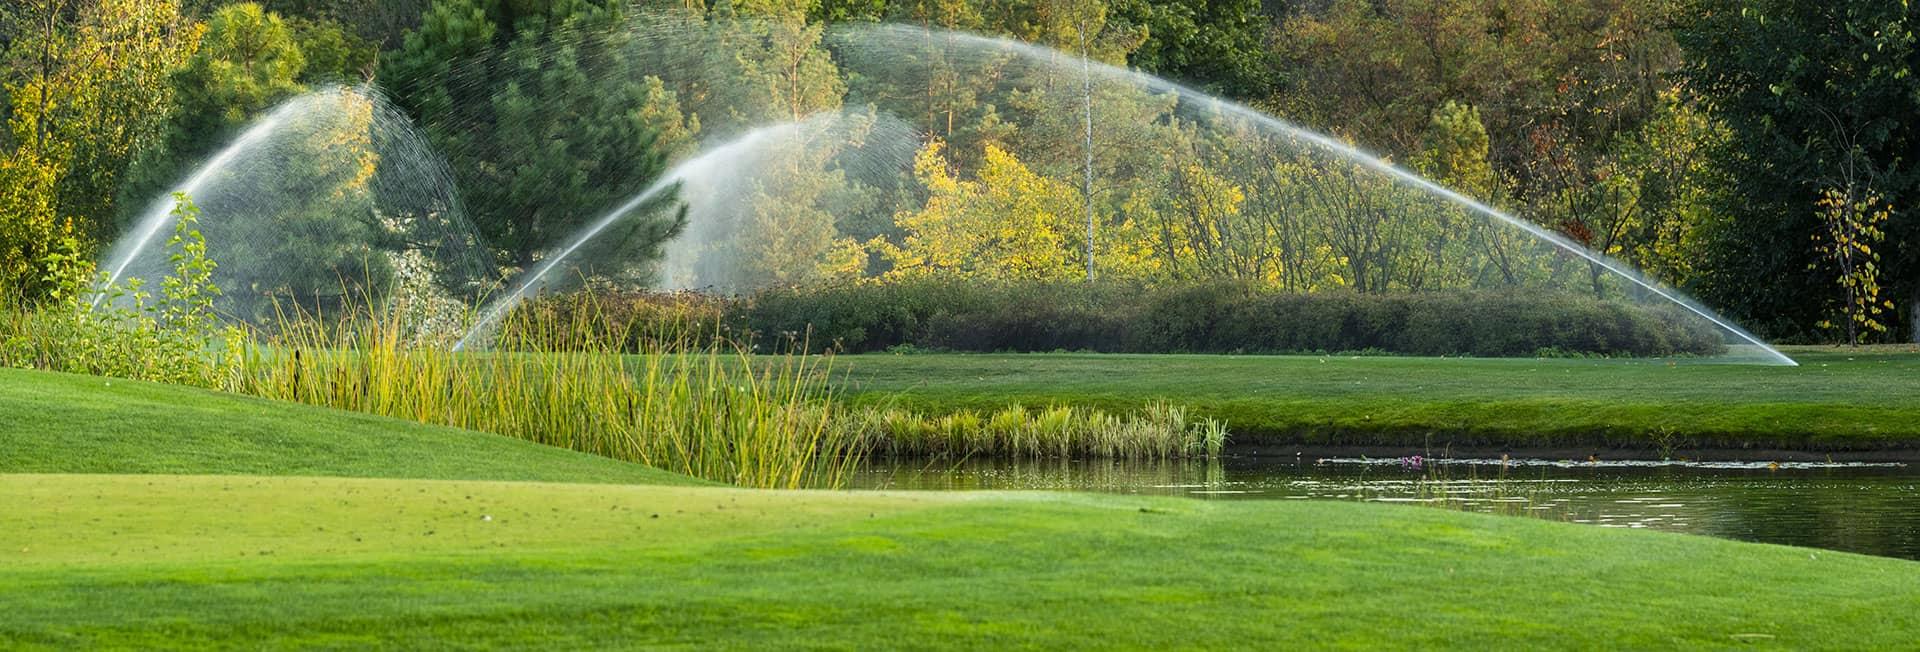 commercial-irrigation-installation.jpg